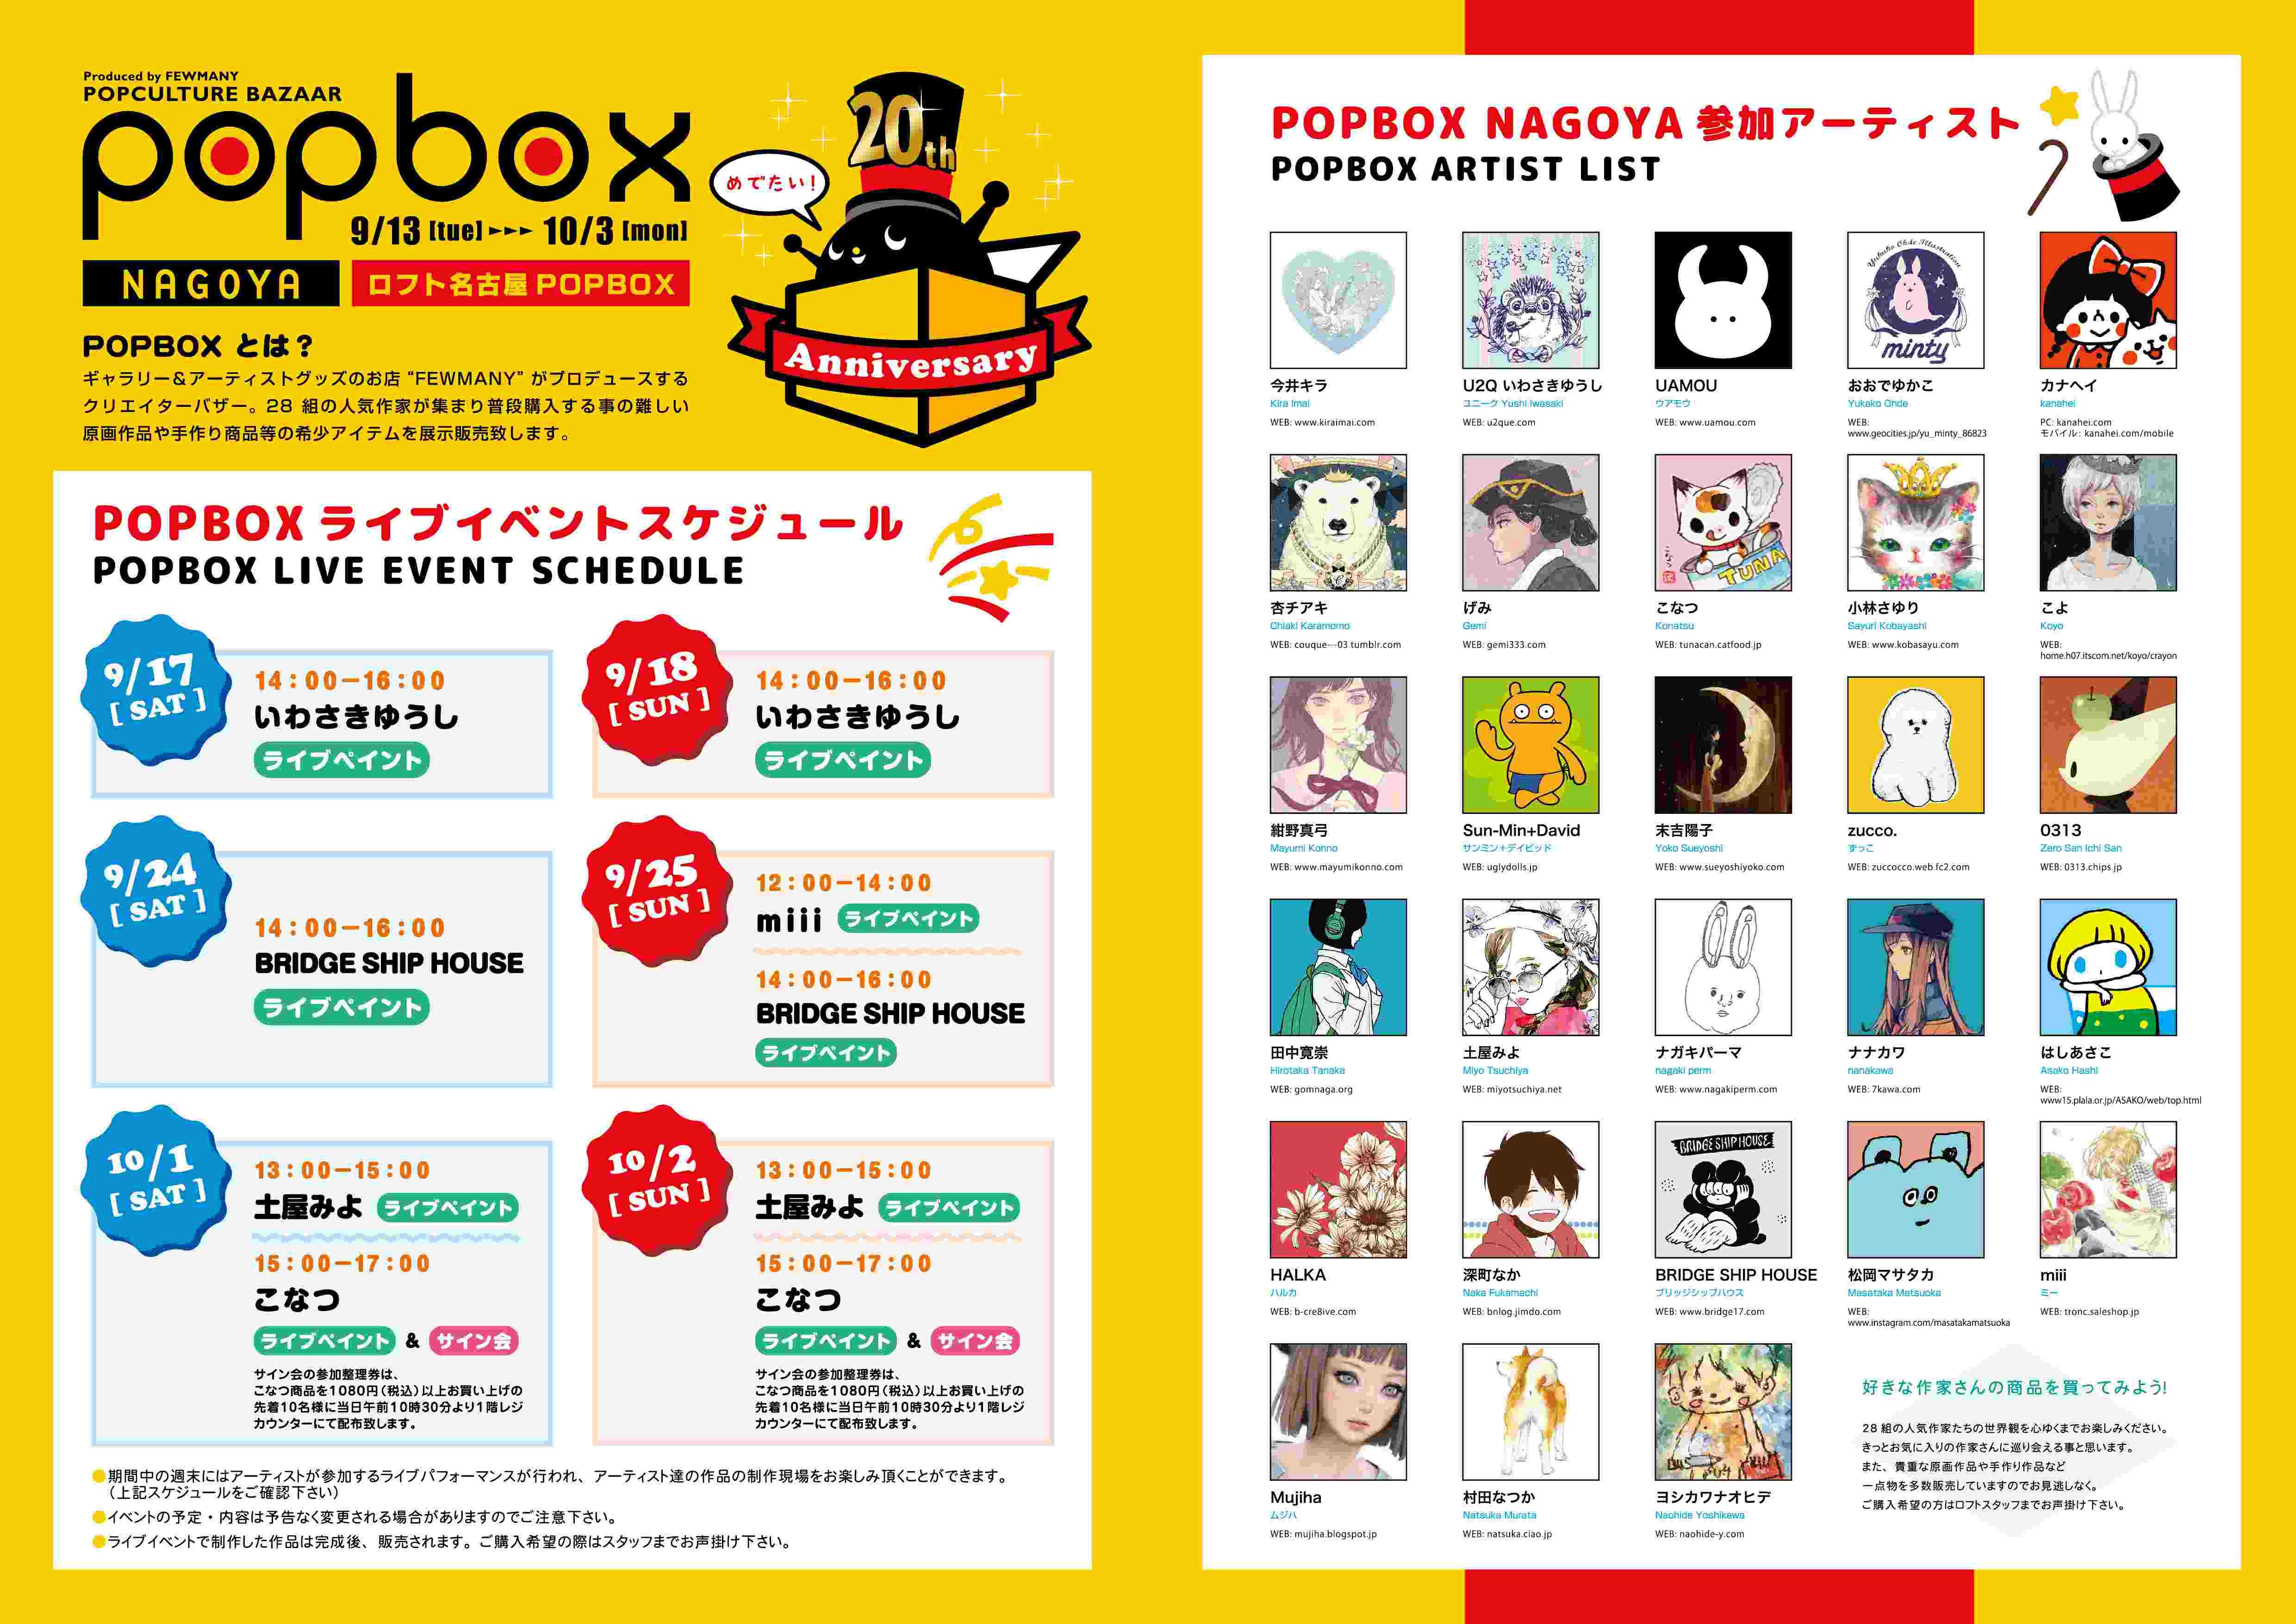 9/13~10/3 ロフト名古屋《POPBOX》開催のお知らせ_f0010033_19515222.jpg